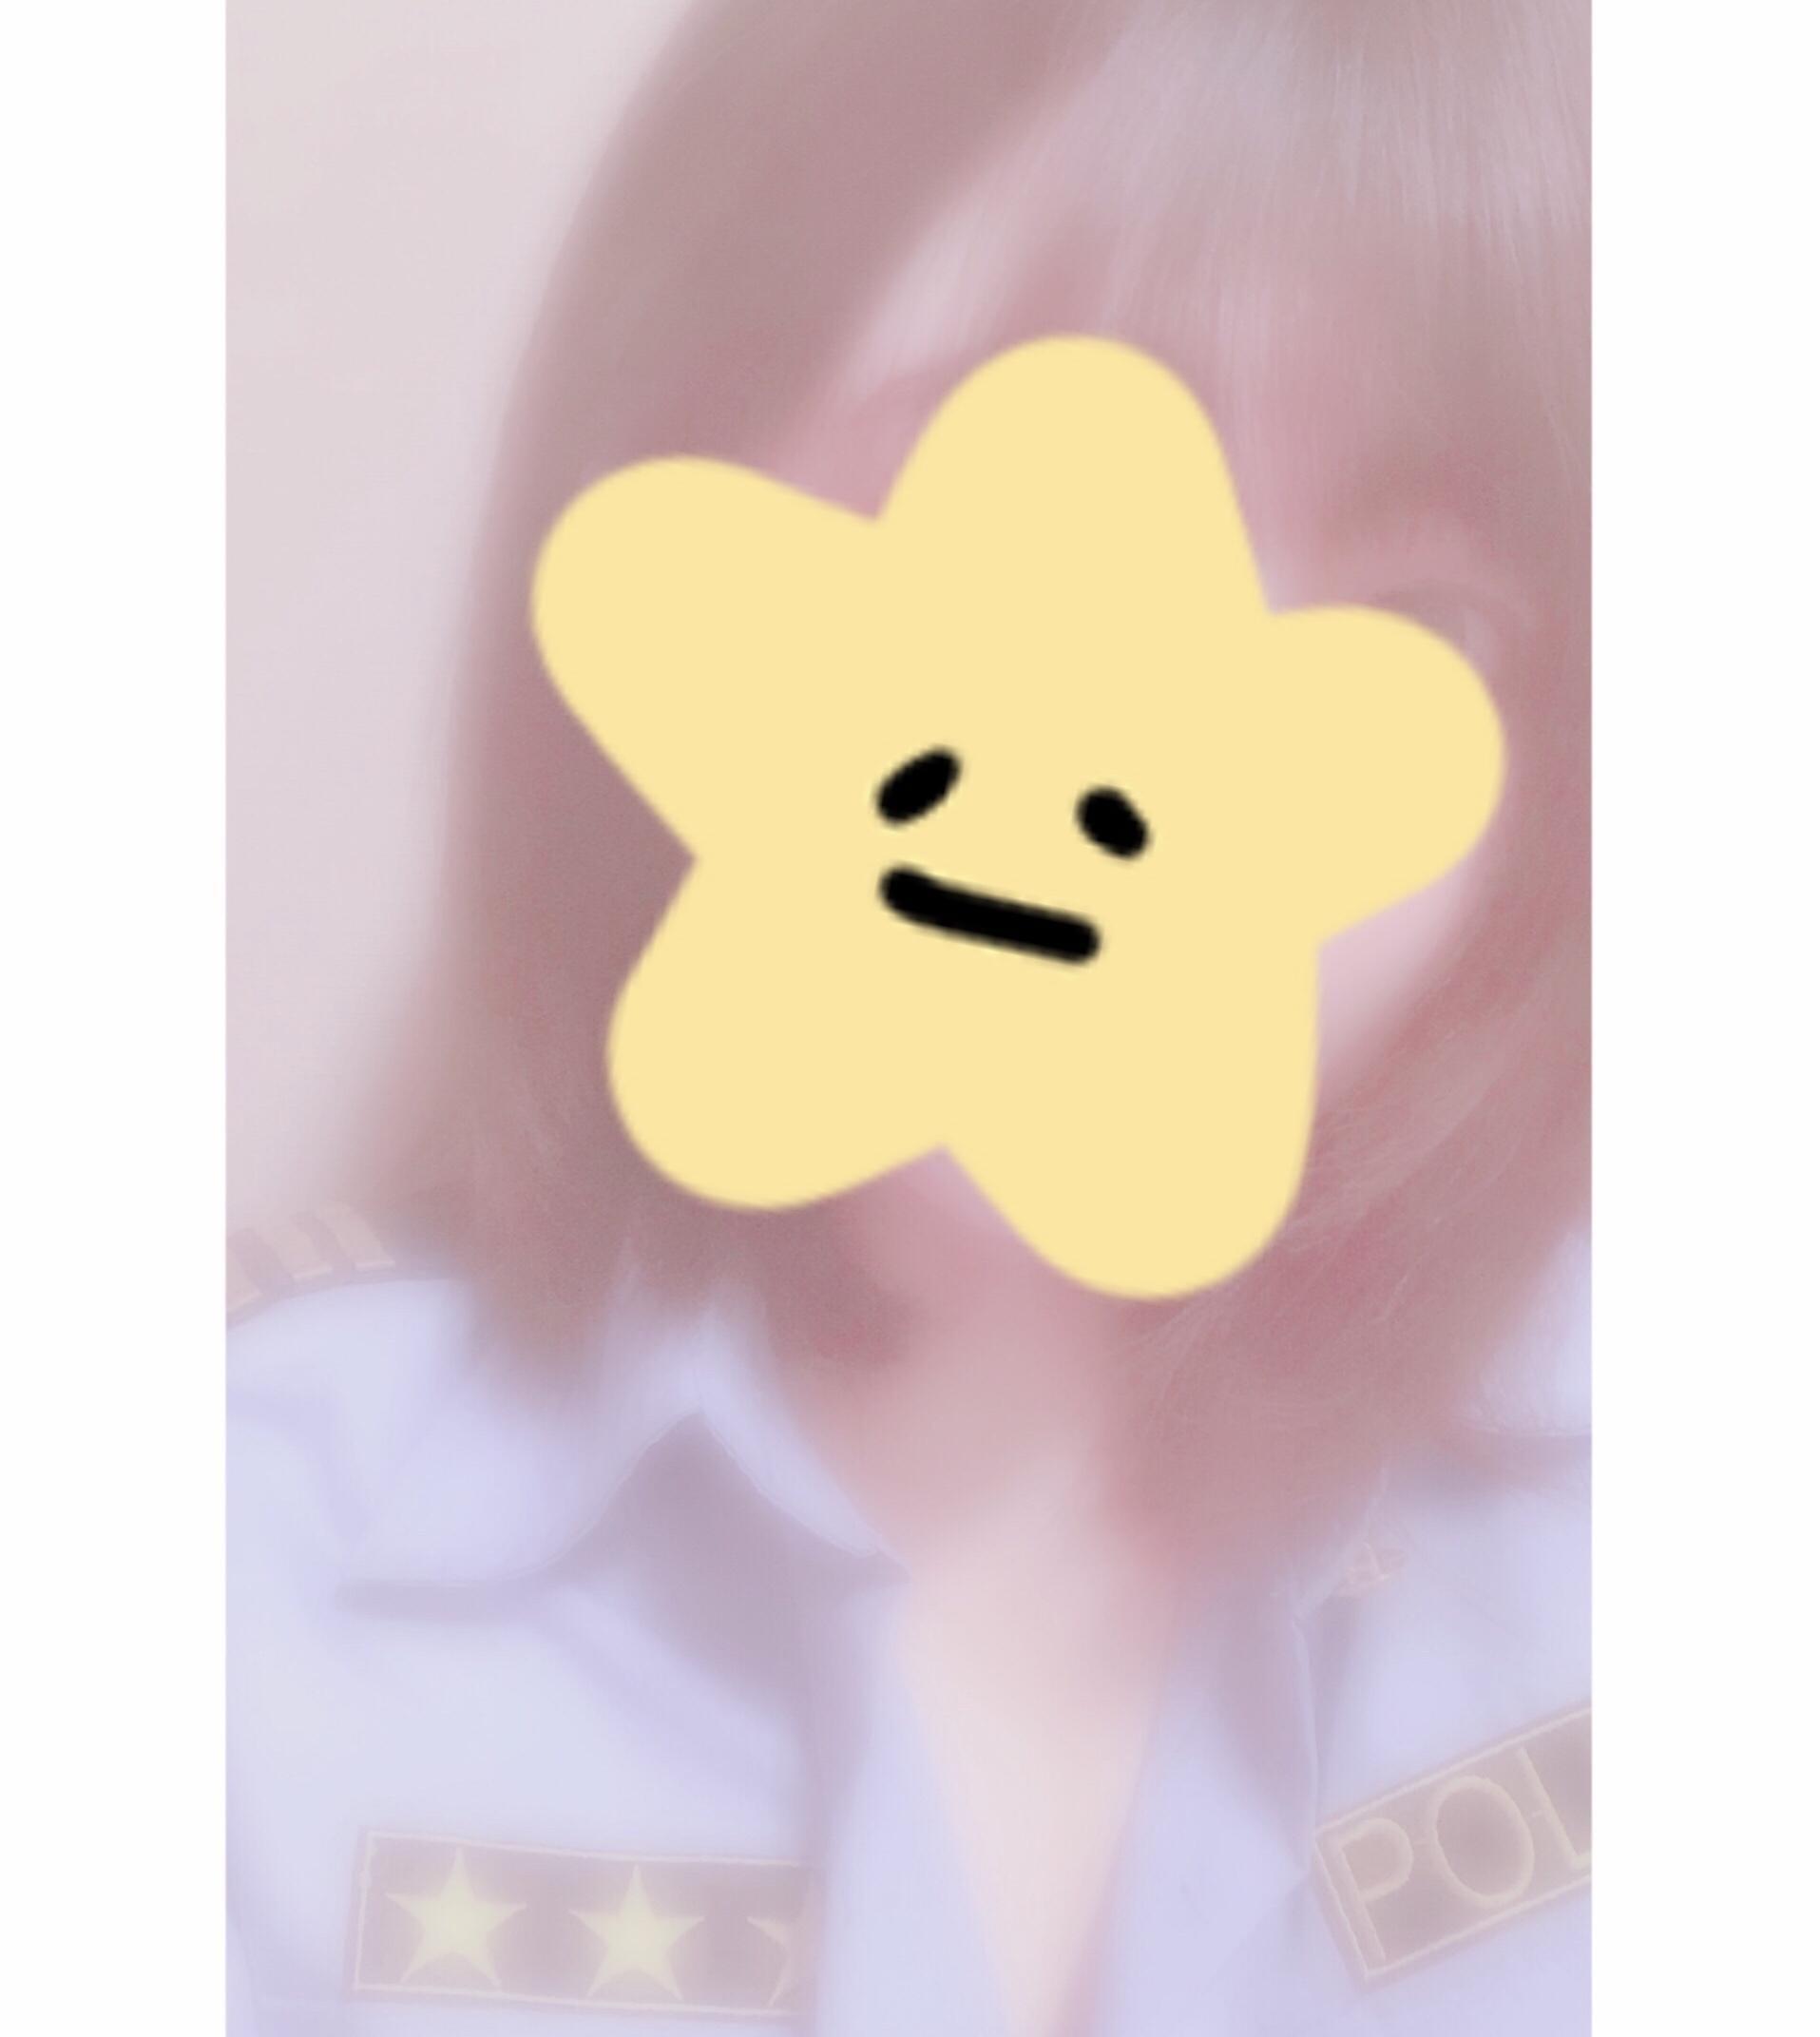 「ありがと〜♡」10/21日(水) 16:12 | あゆみの写メ・風俗動画